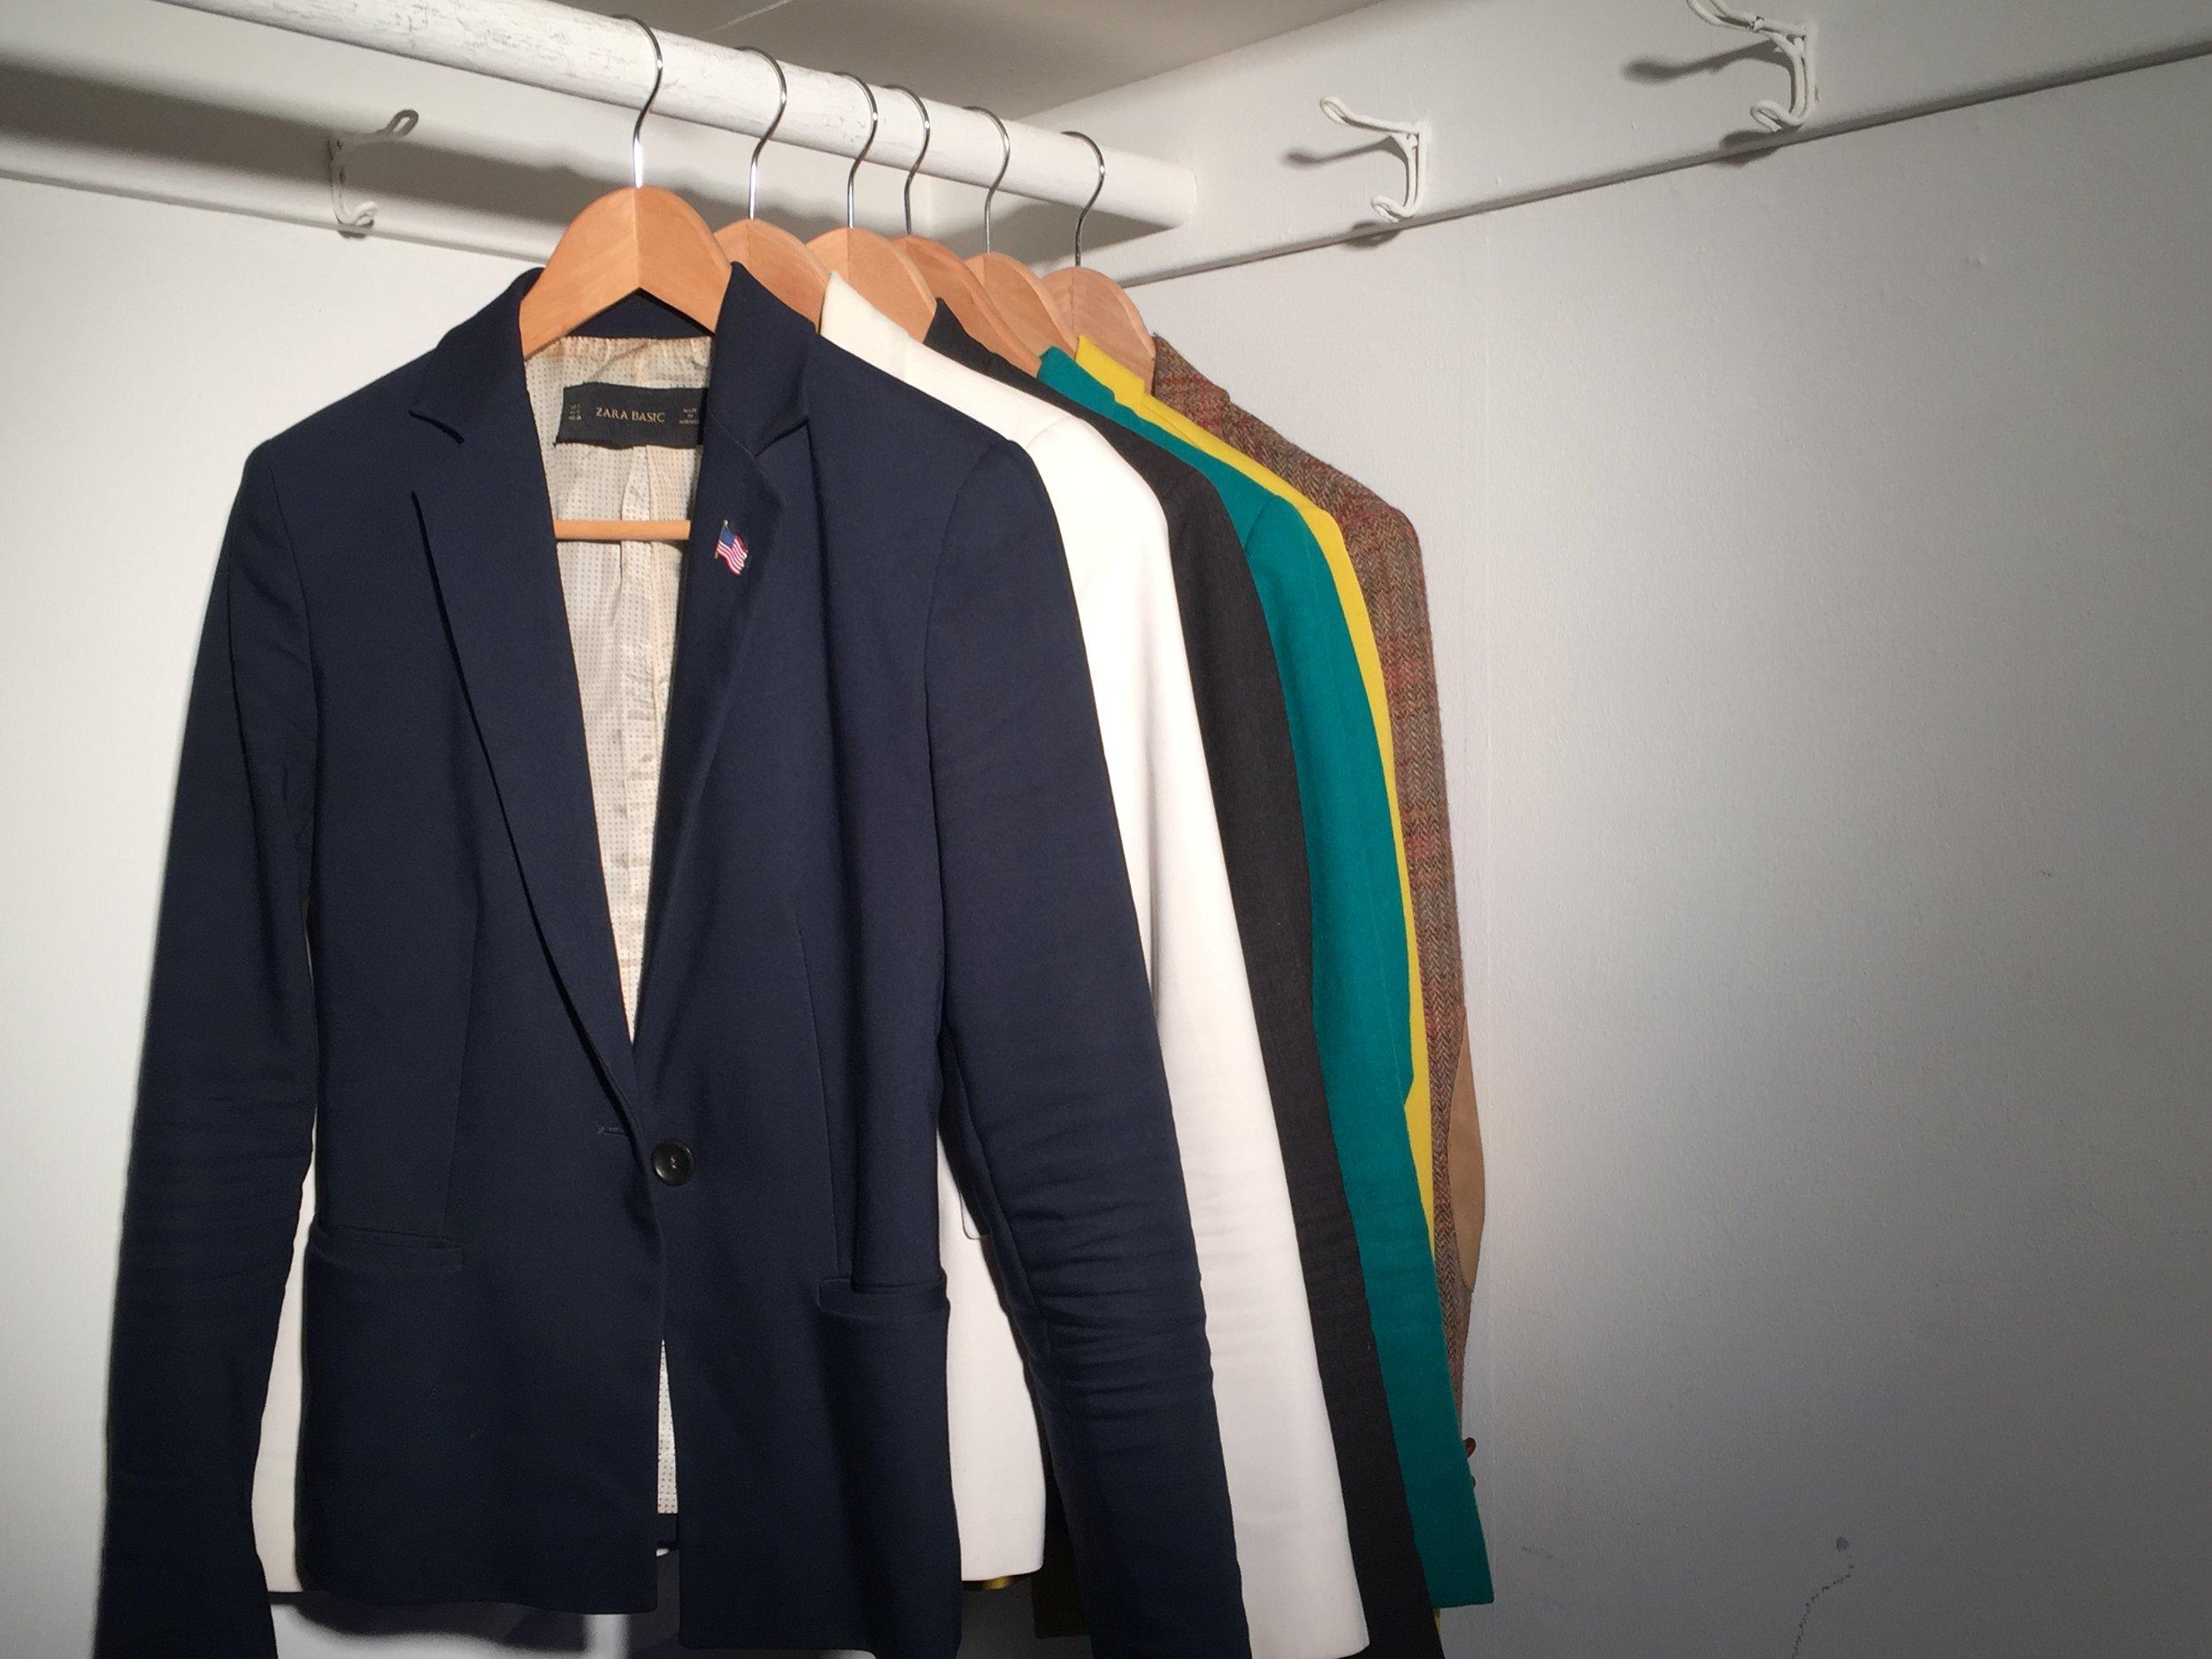 potus closet